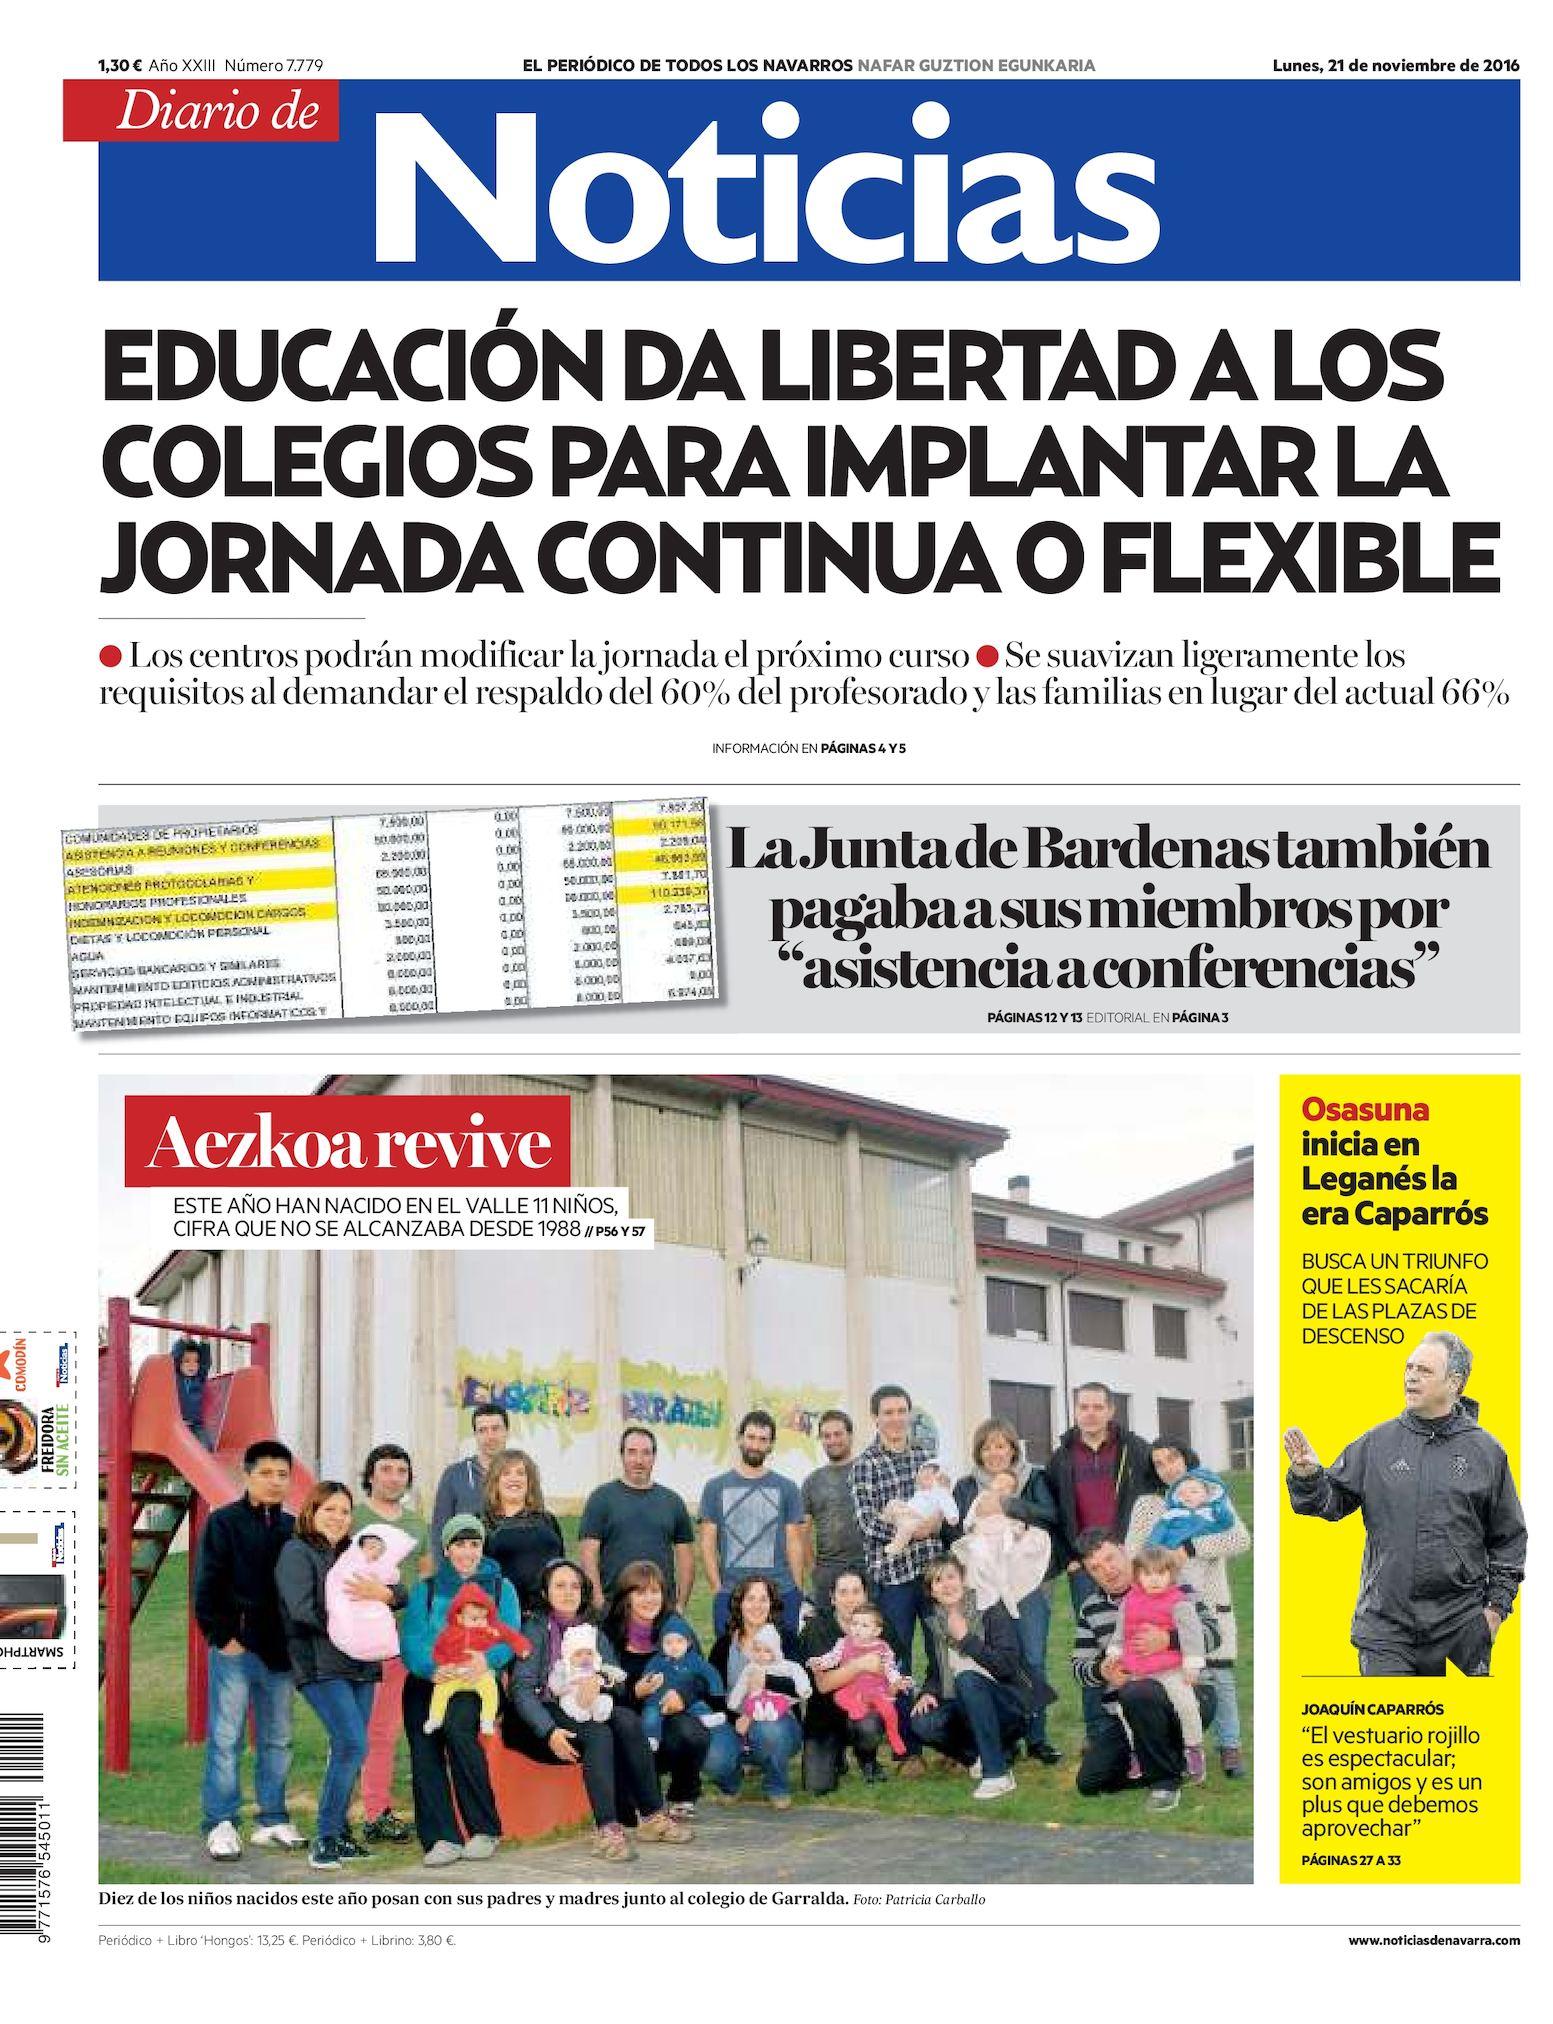 Calaméo - Diario de Noticias 20161121 551a5135137